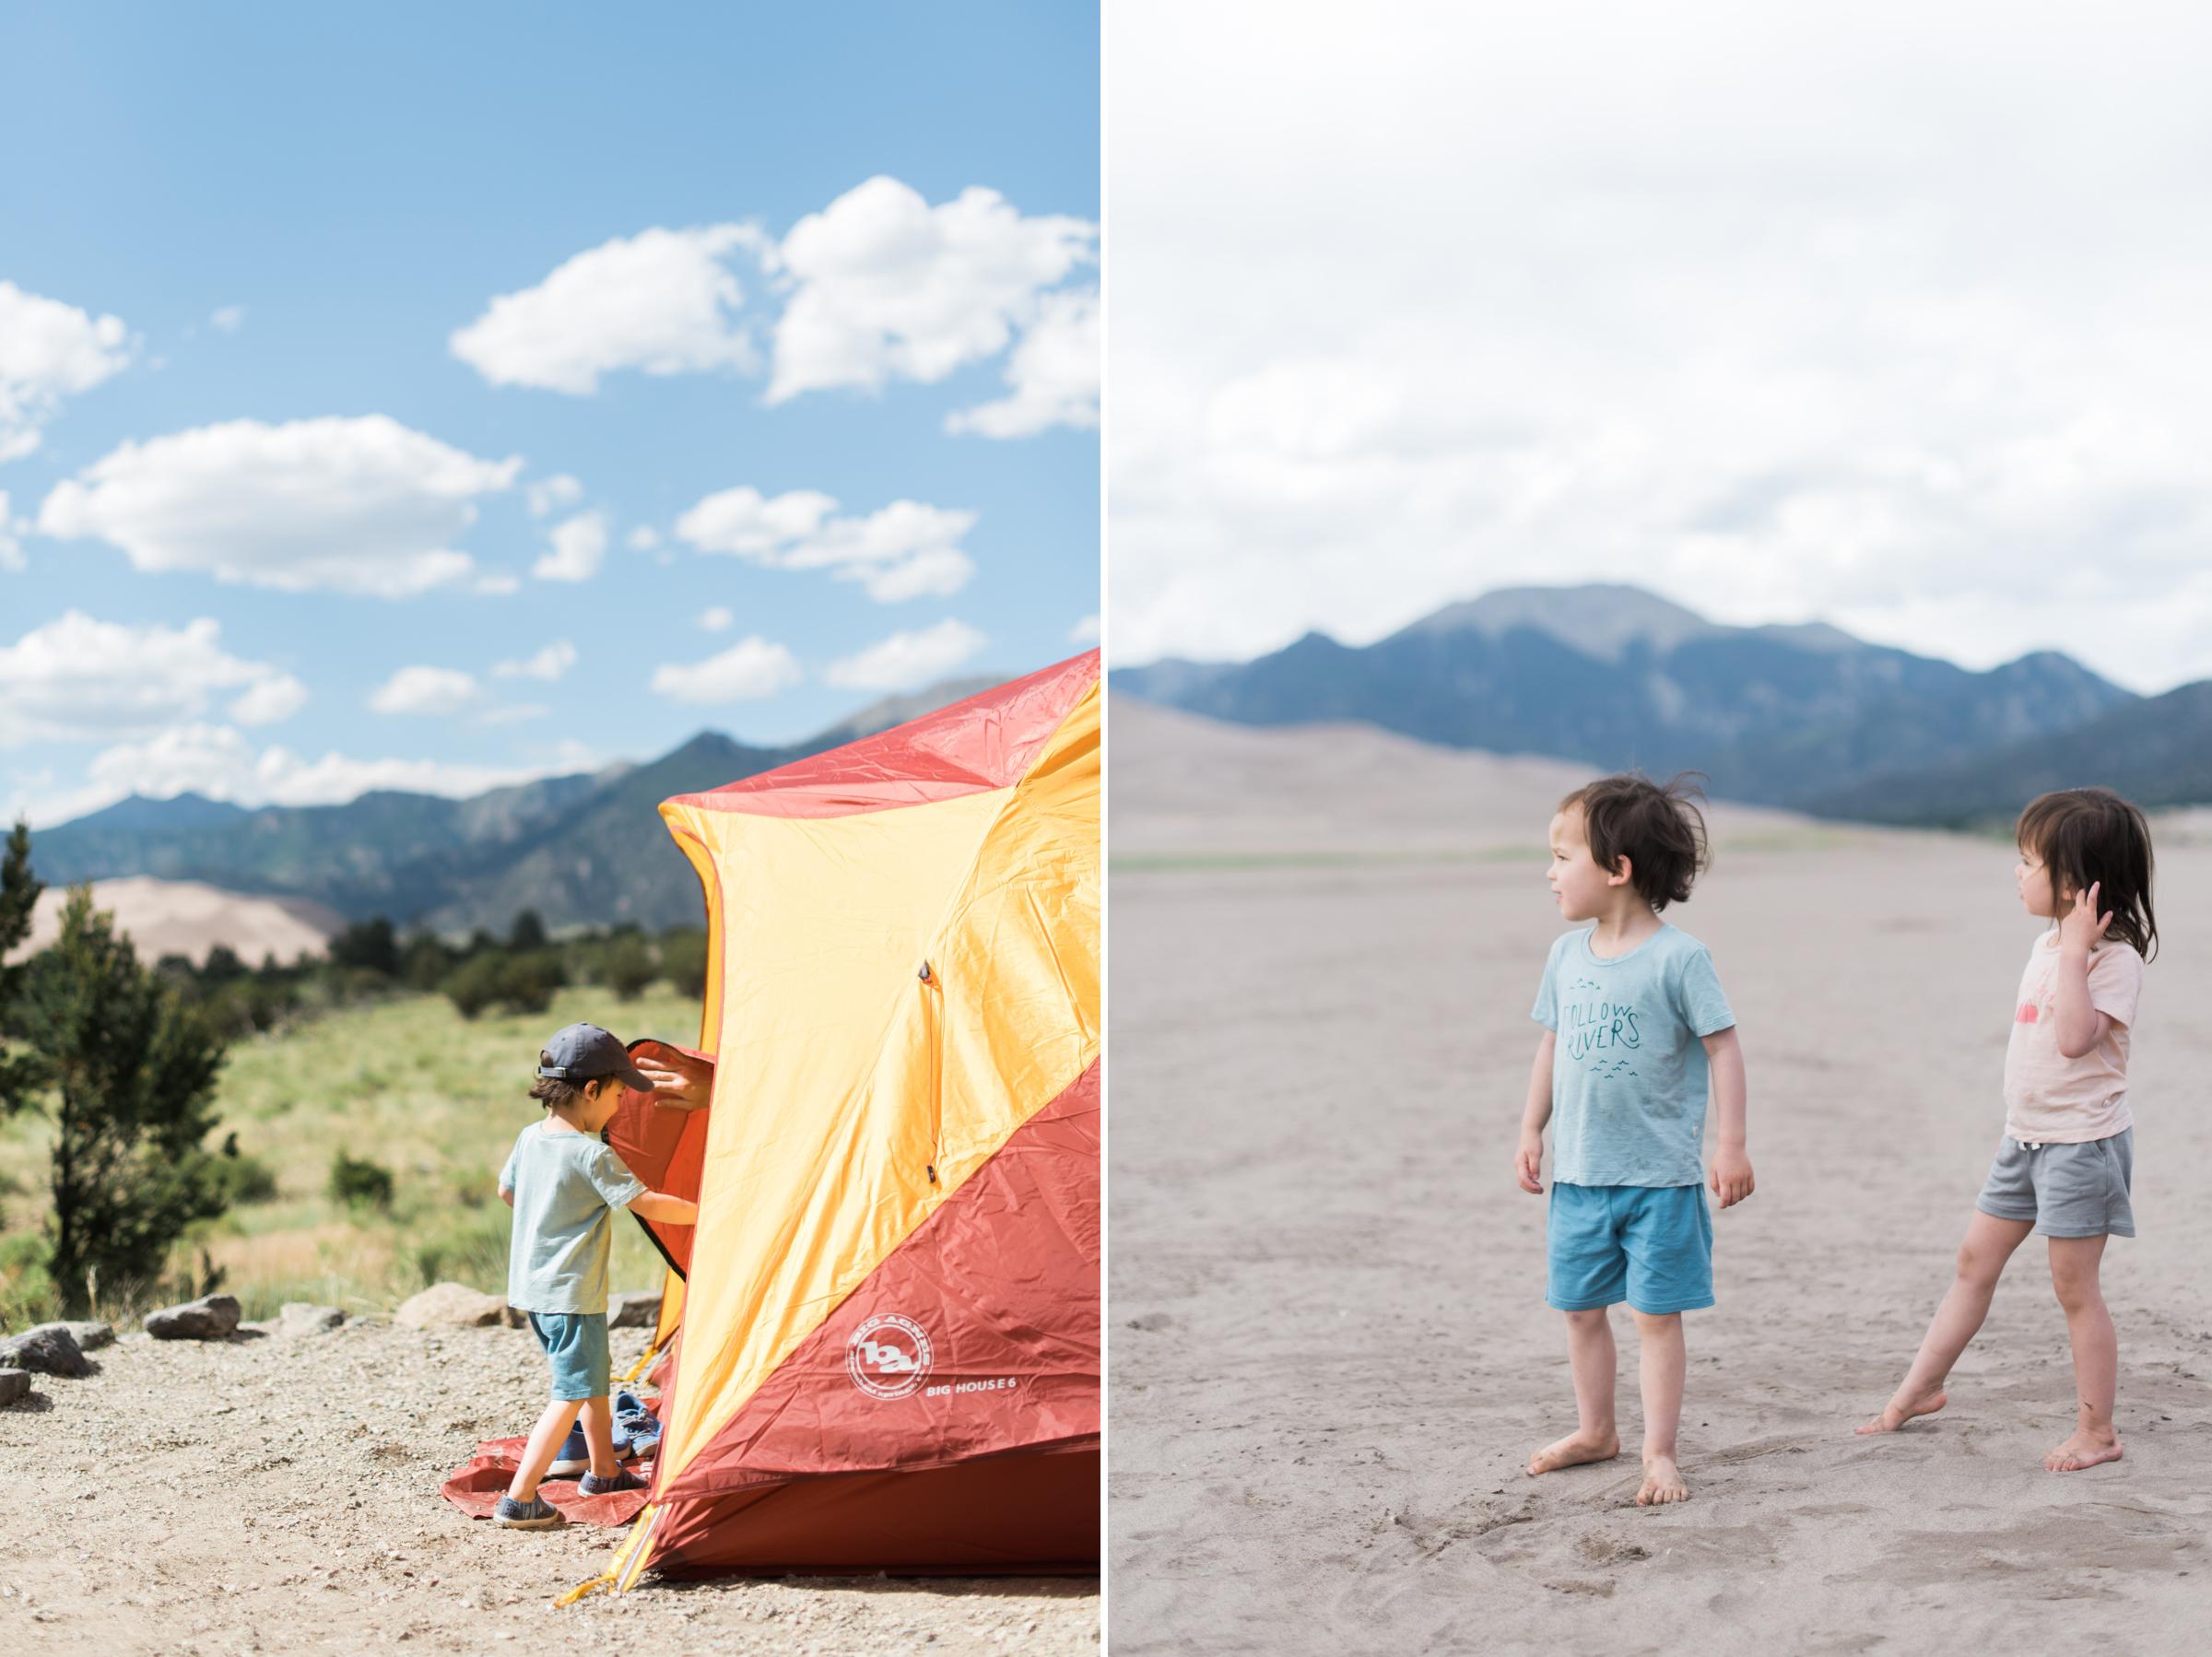 Sand Dunes National Park Campsite, Colorado